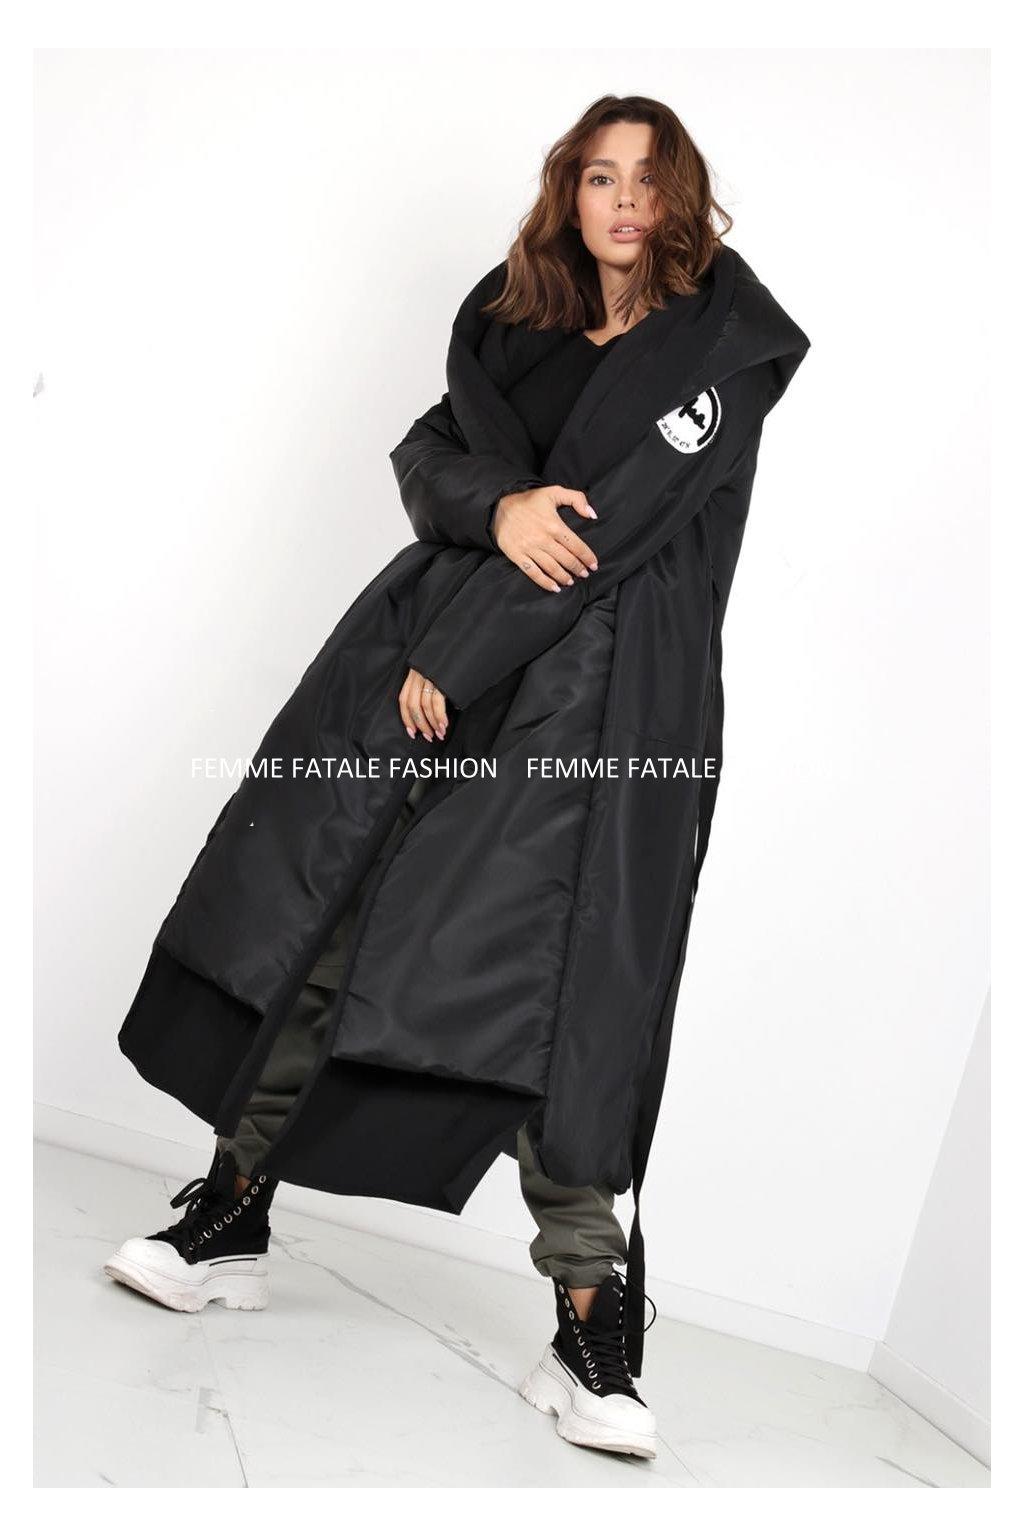 Dámský luxusní podzimní kabát RESPECT femmefatalefashion (1)